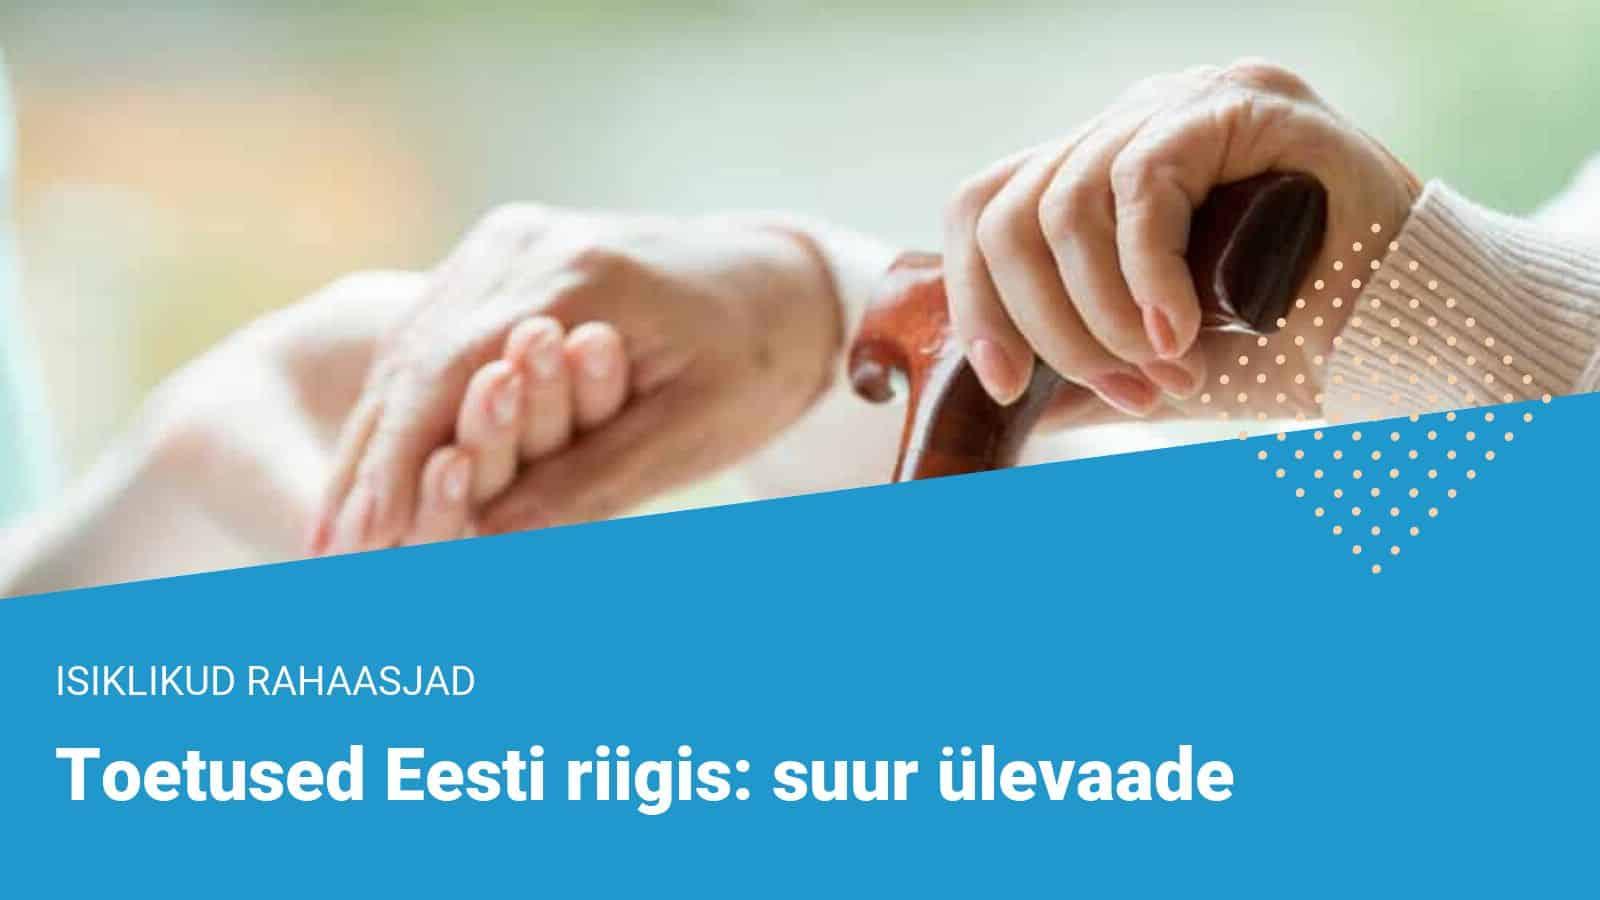 Eesti toetused - madalapalgalised, töötutoetus, lastetoetus jm